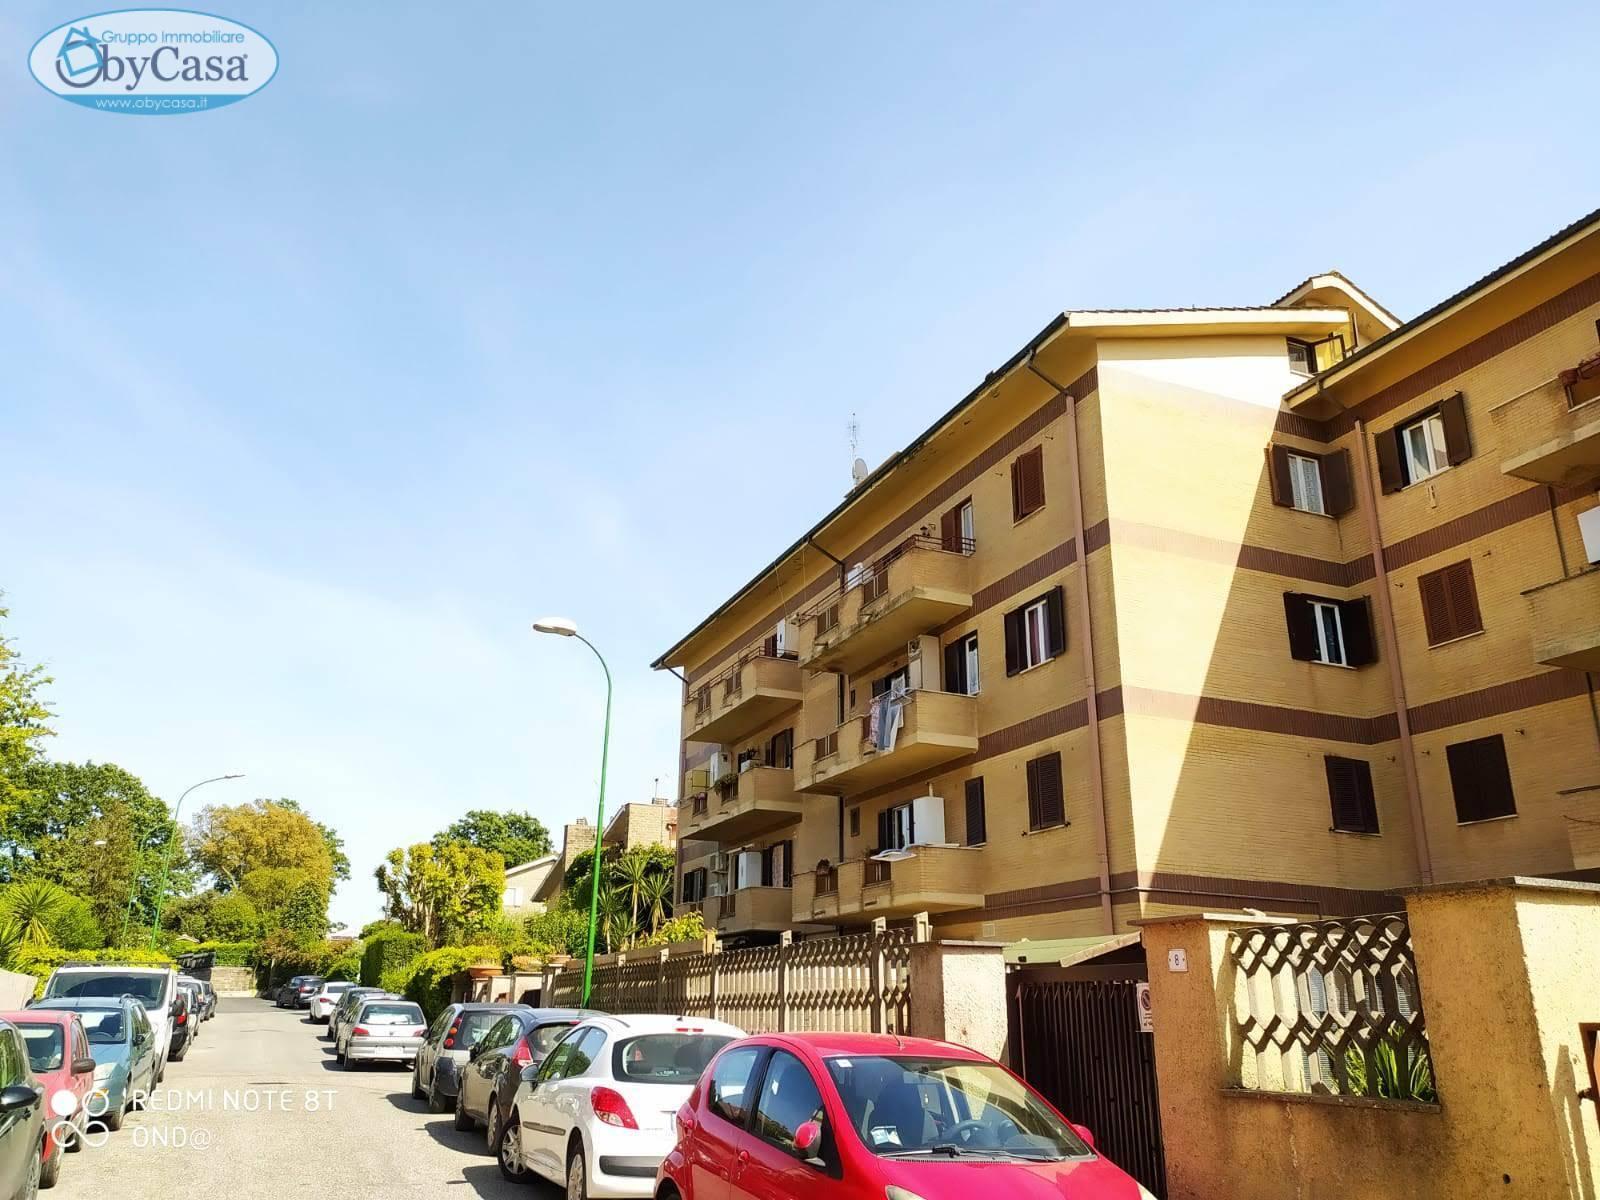 Appartamento in vendita a Manziana, 3 locali, zona Località: legrazie, prezzo € 99.000 | CambioCasa.it